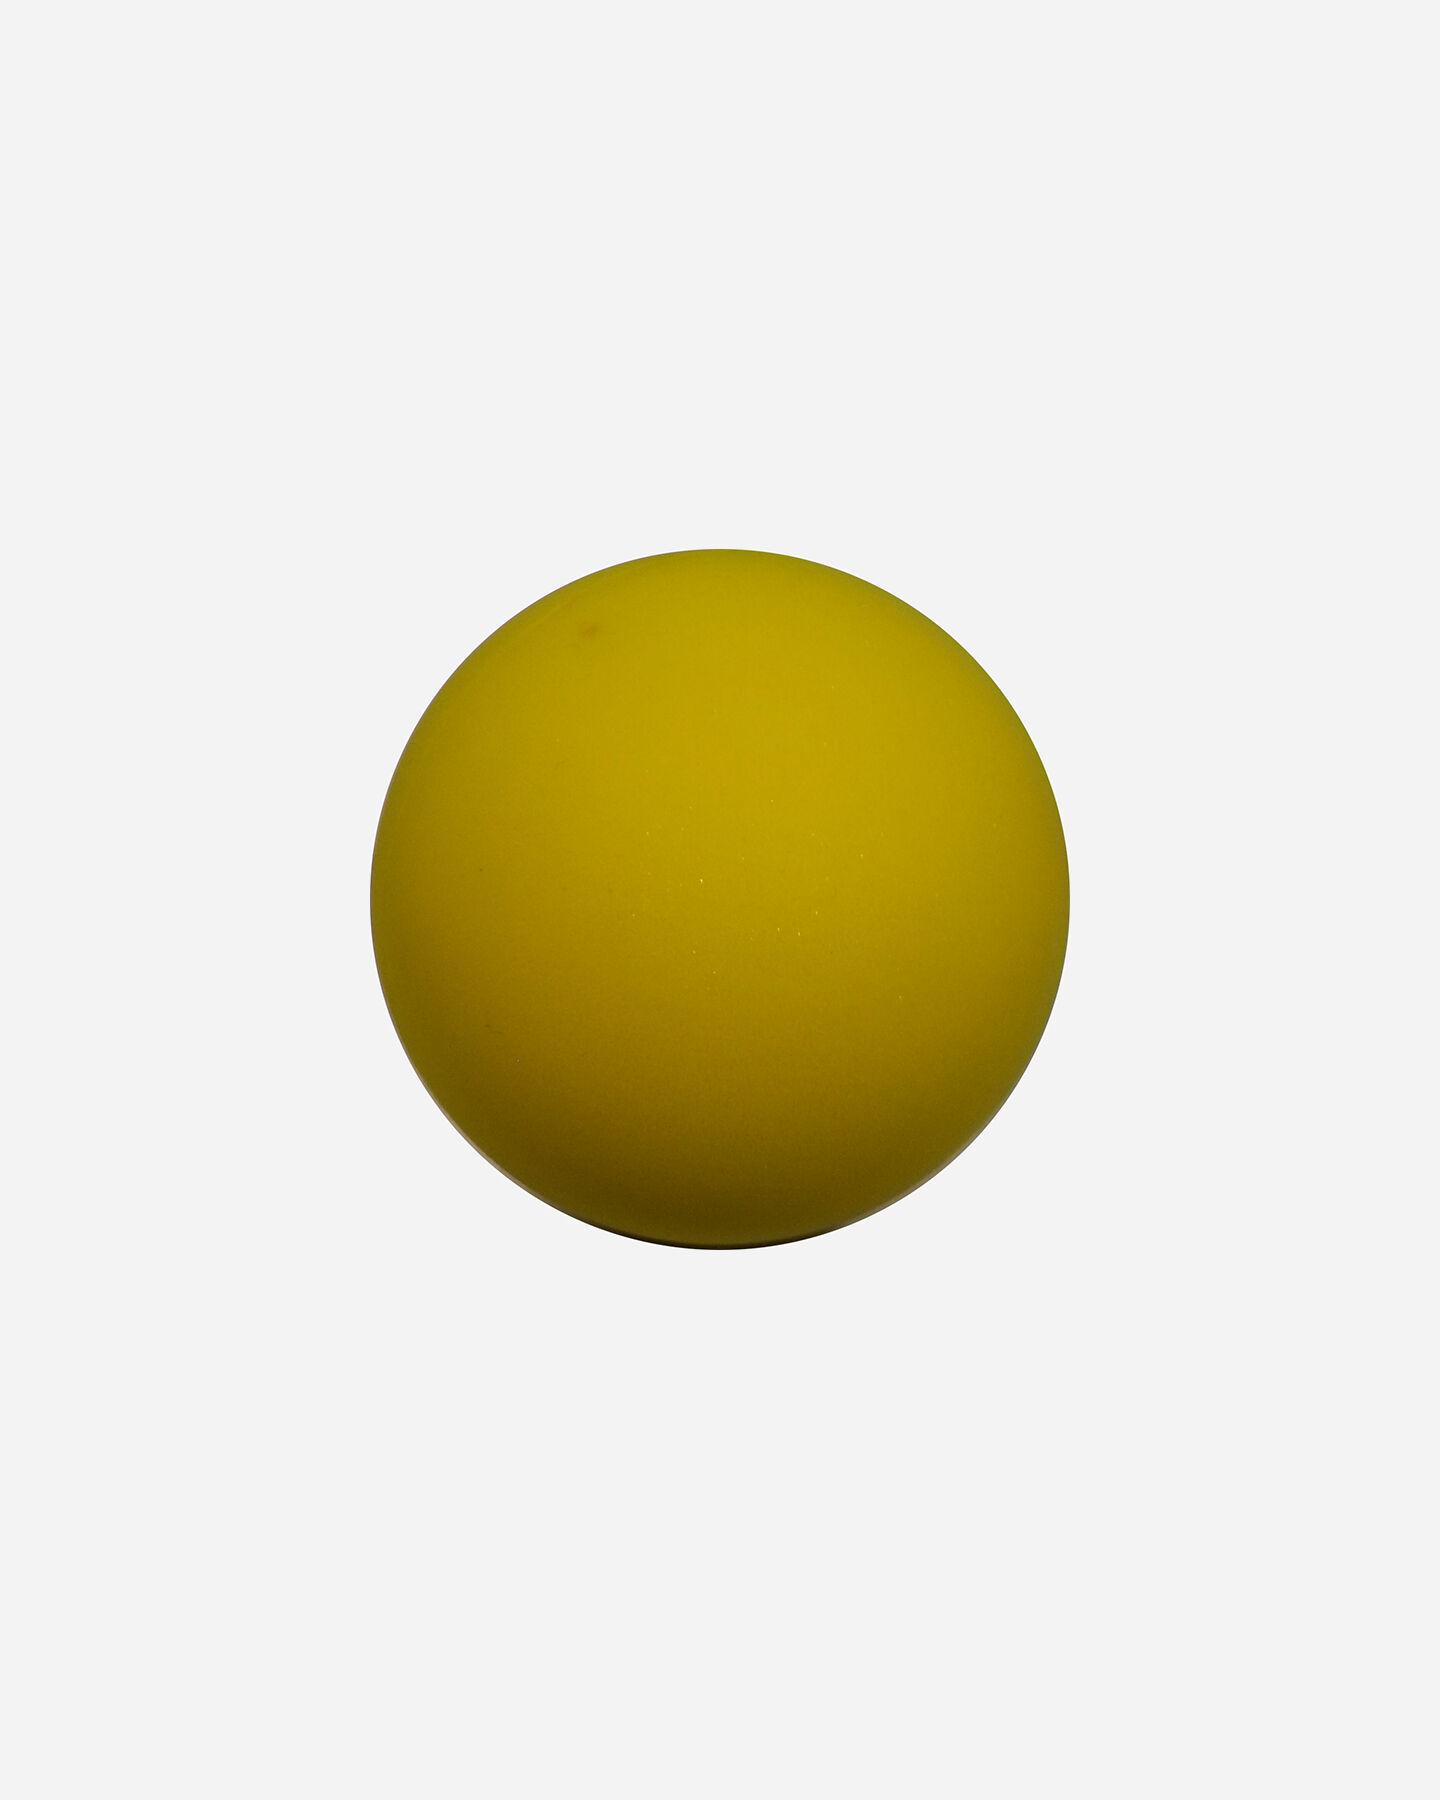 Pallone sport vari ATABIANO PALLA SPUGNA D120 S4003300|1|UNI scatto 0